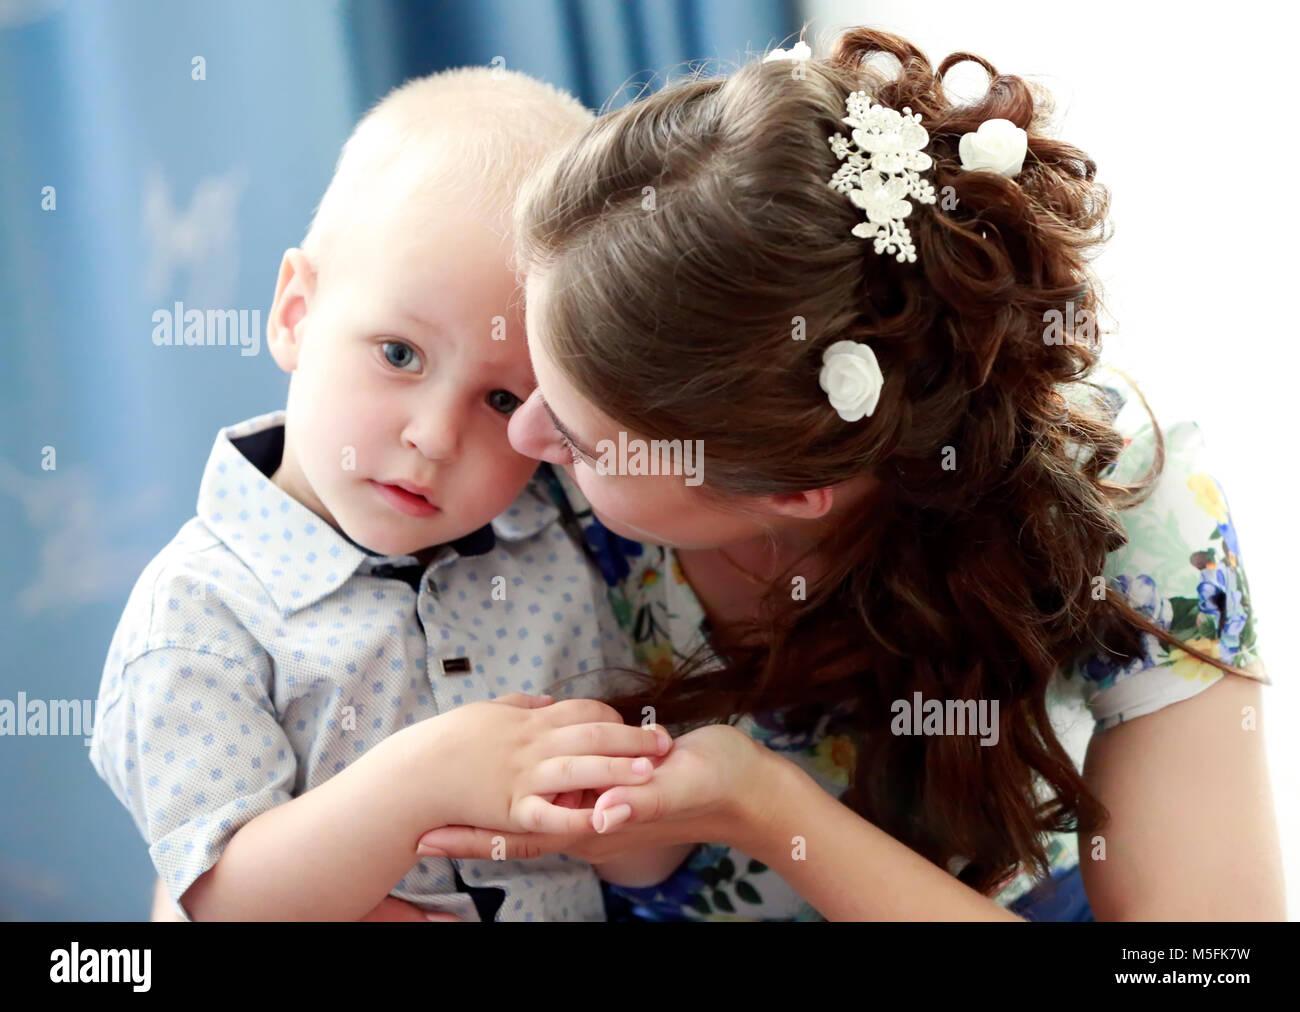 La Bielorussia, Gomel, centrale Casa di nozze.Giugno 29, 2016.madre abbraccia un po' figlio Immagini Stock